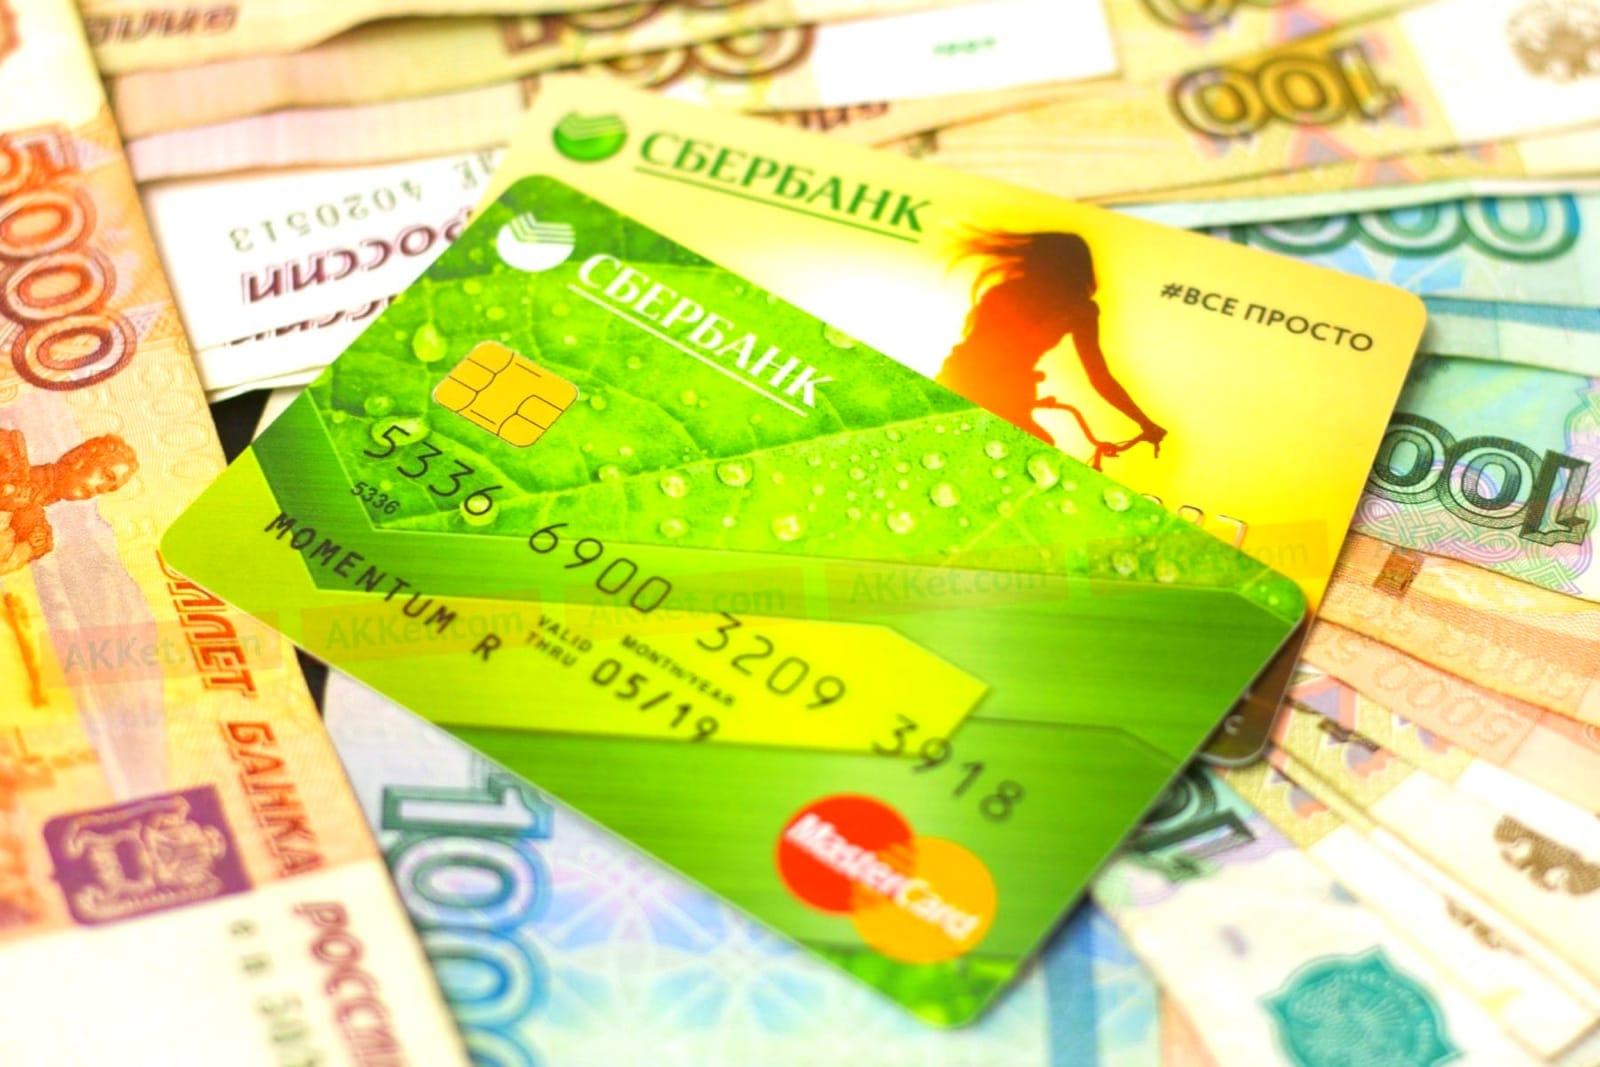 Совкомбанк калькулятор кредита ипотека рассчитать